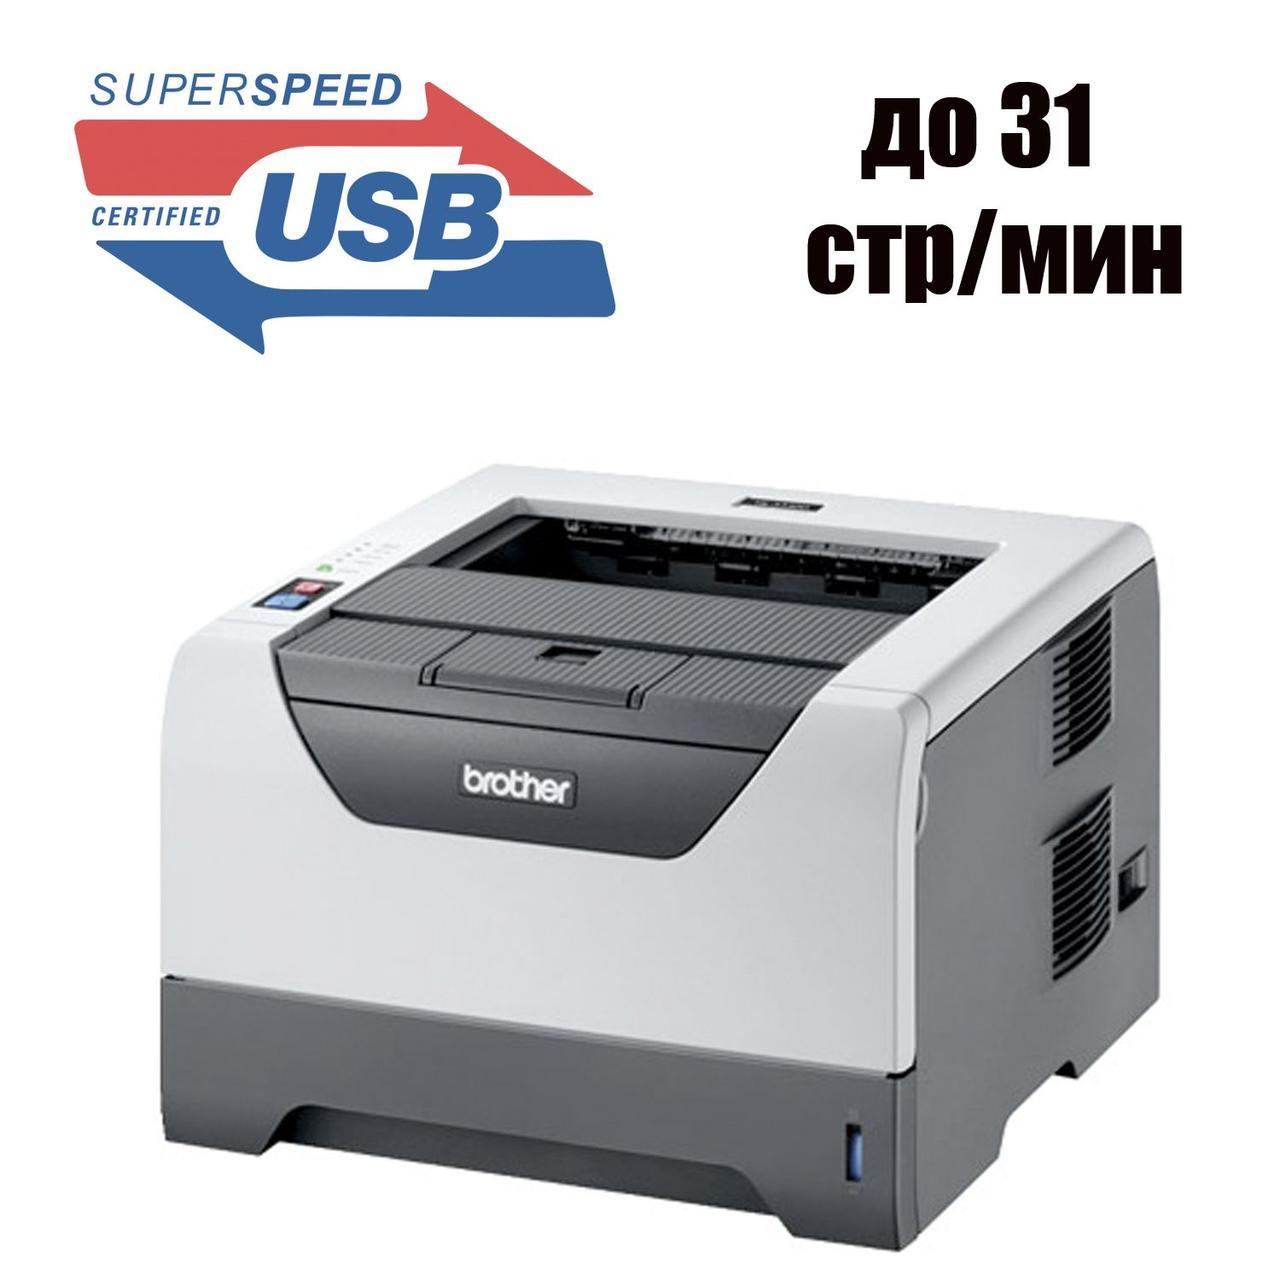 Принтер Brother HL-5340D / Лазерная монохромная печать / А4, Letter, Автоматическая двусторонняя печать / USB 2.0